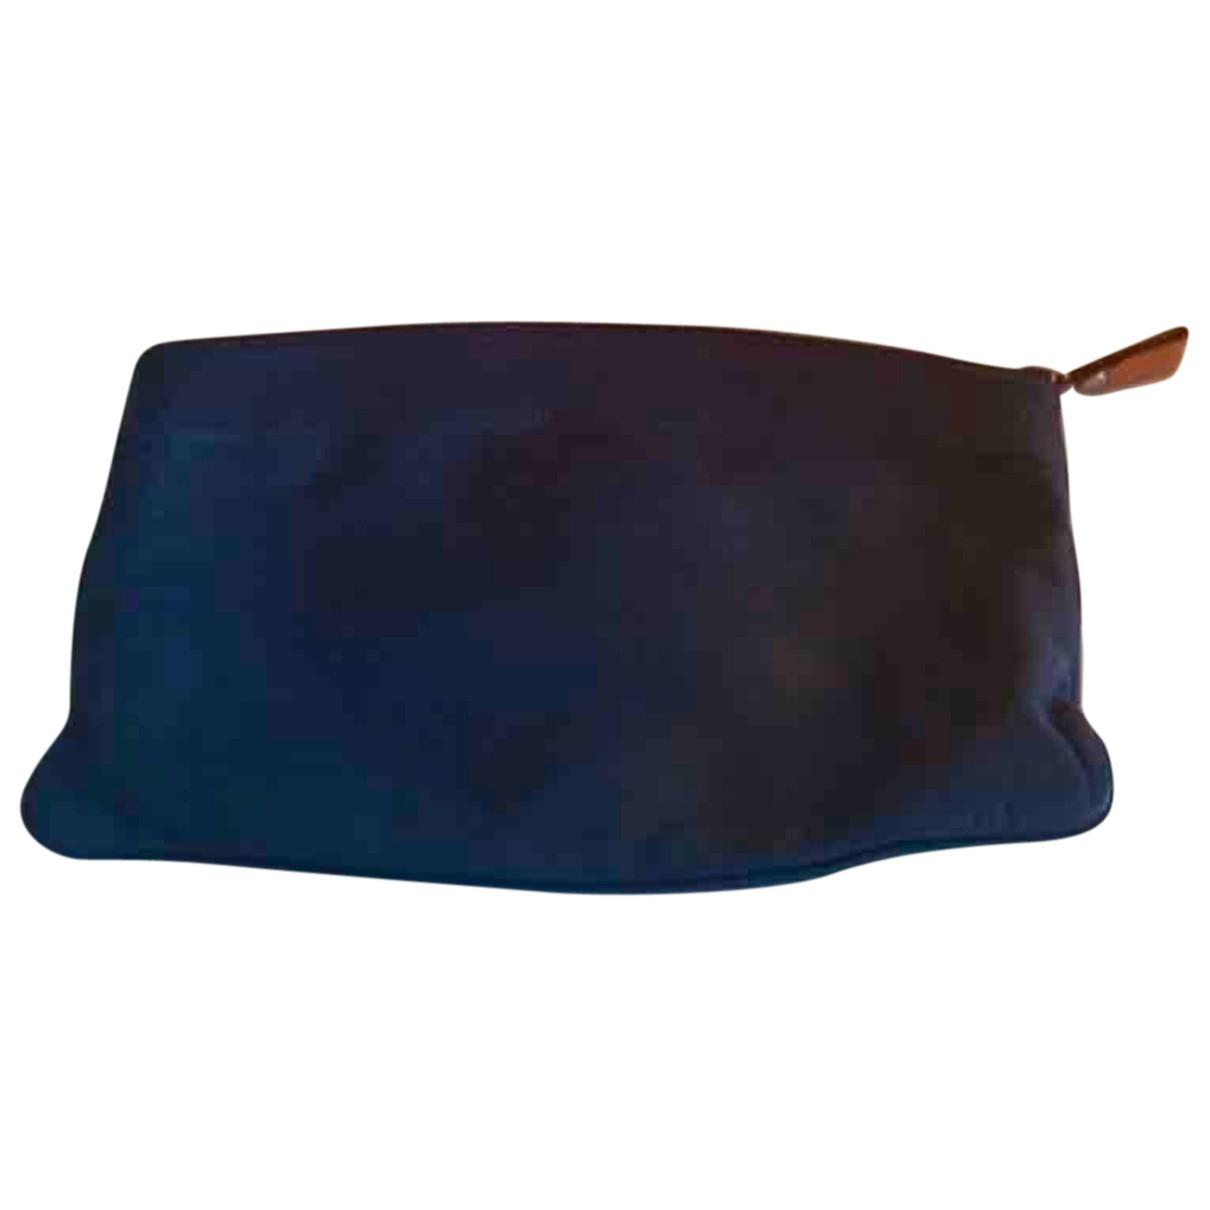 Hermes \N Clutch in  Blau Leder